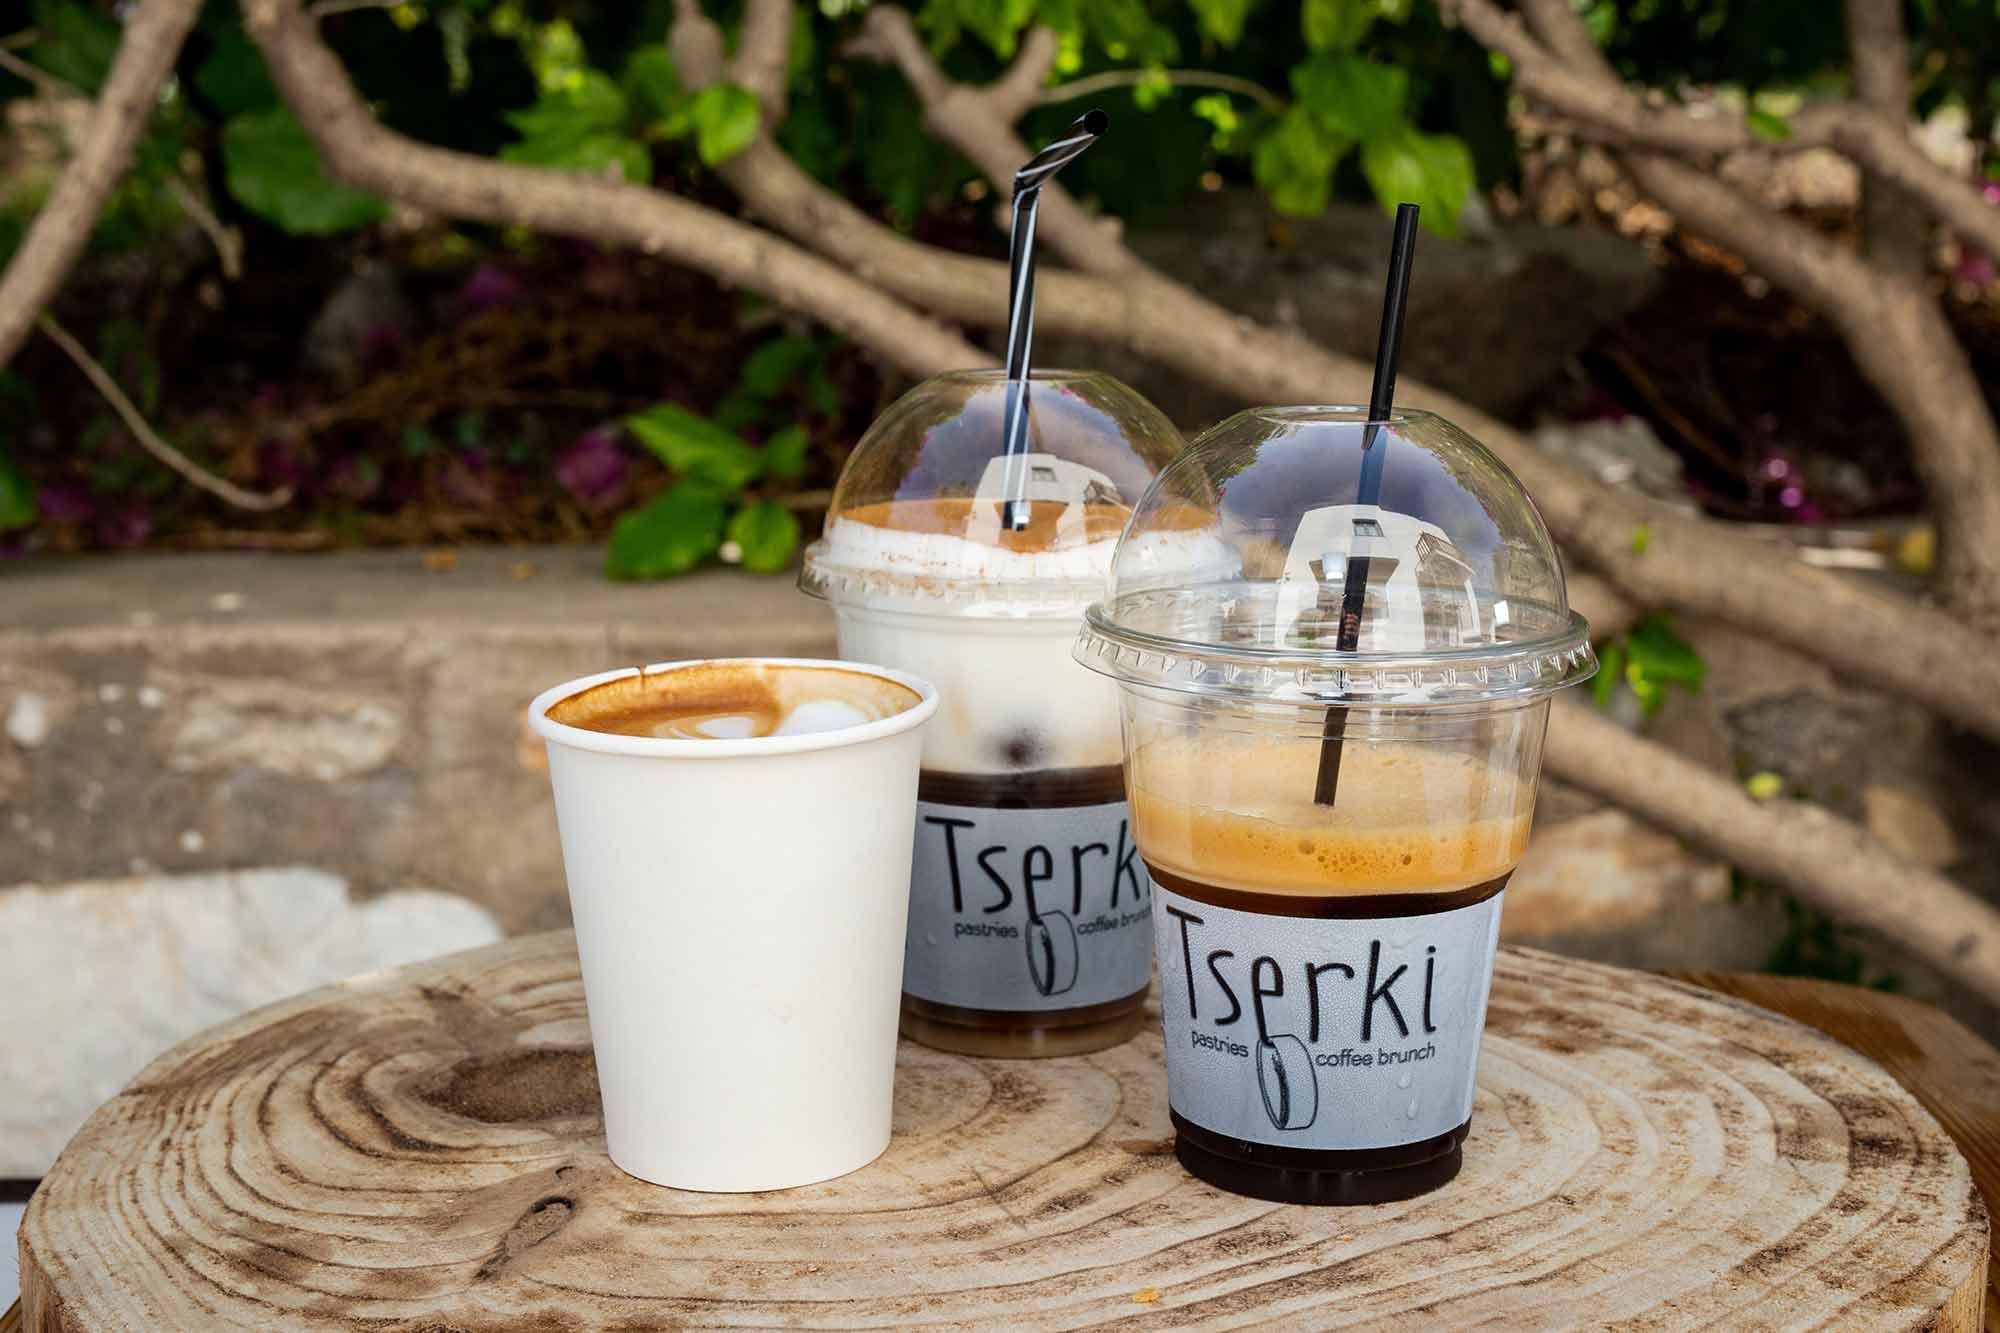 coffee and patisserie tserki paros